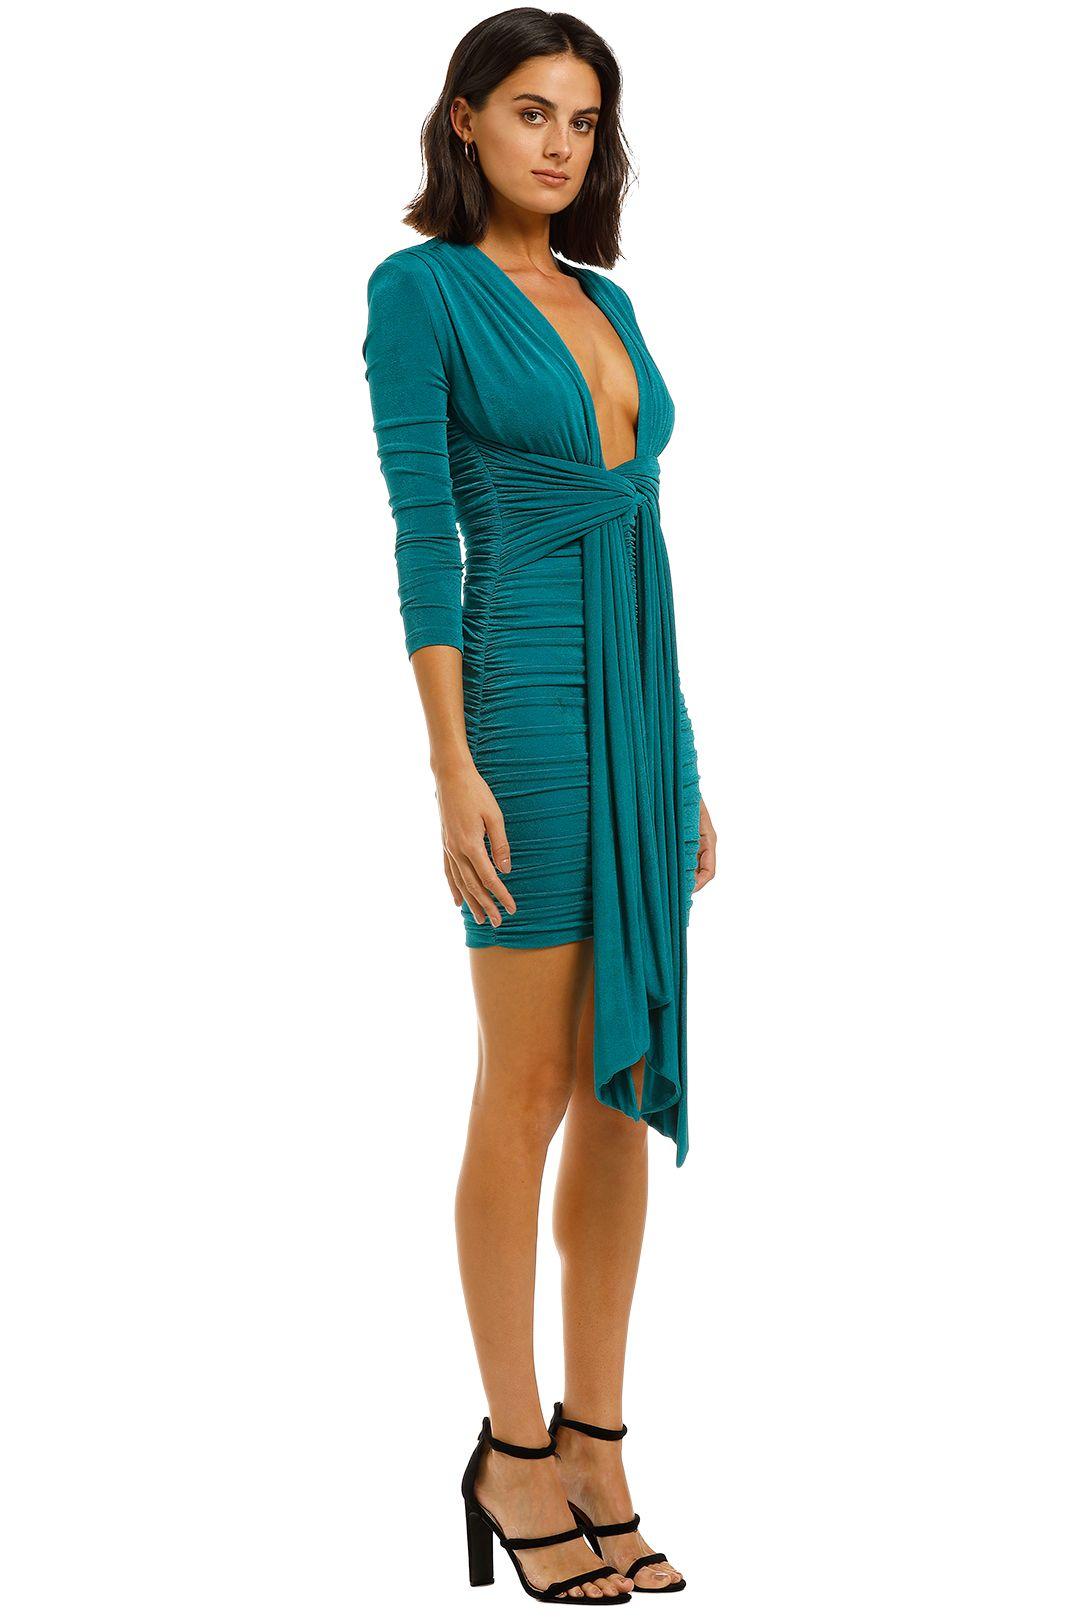 Misha-Paola-Dress-Emerald-Side